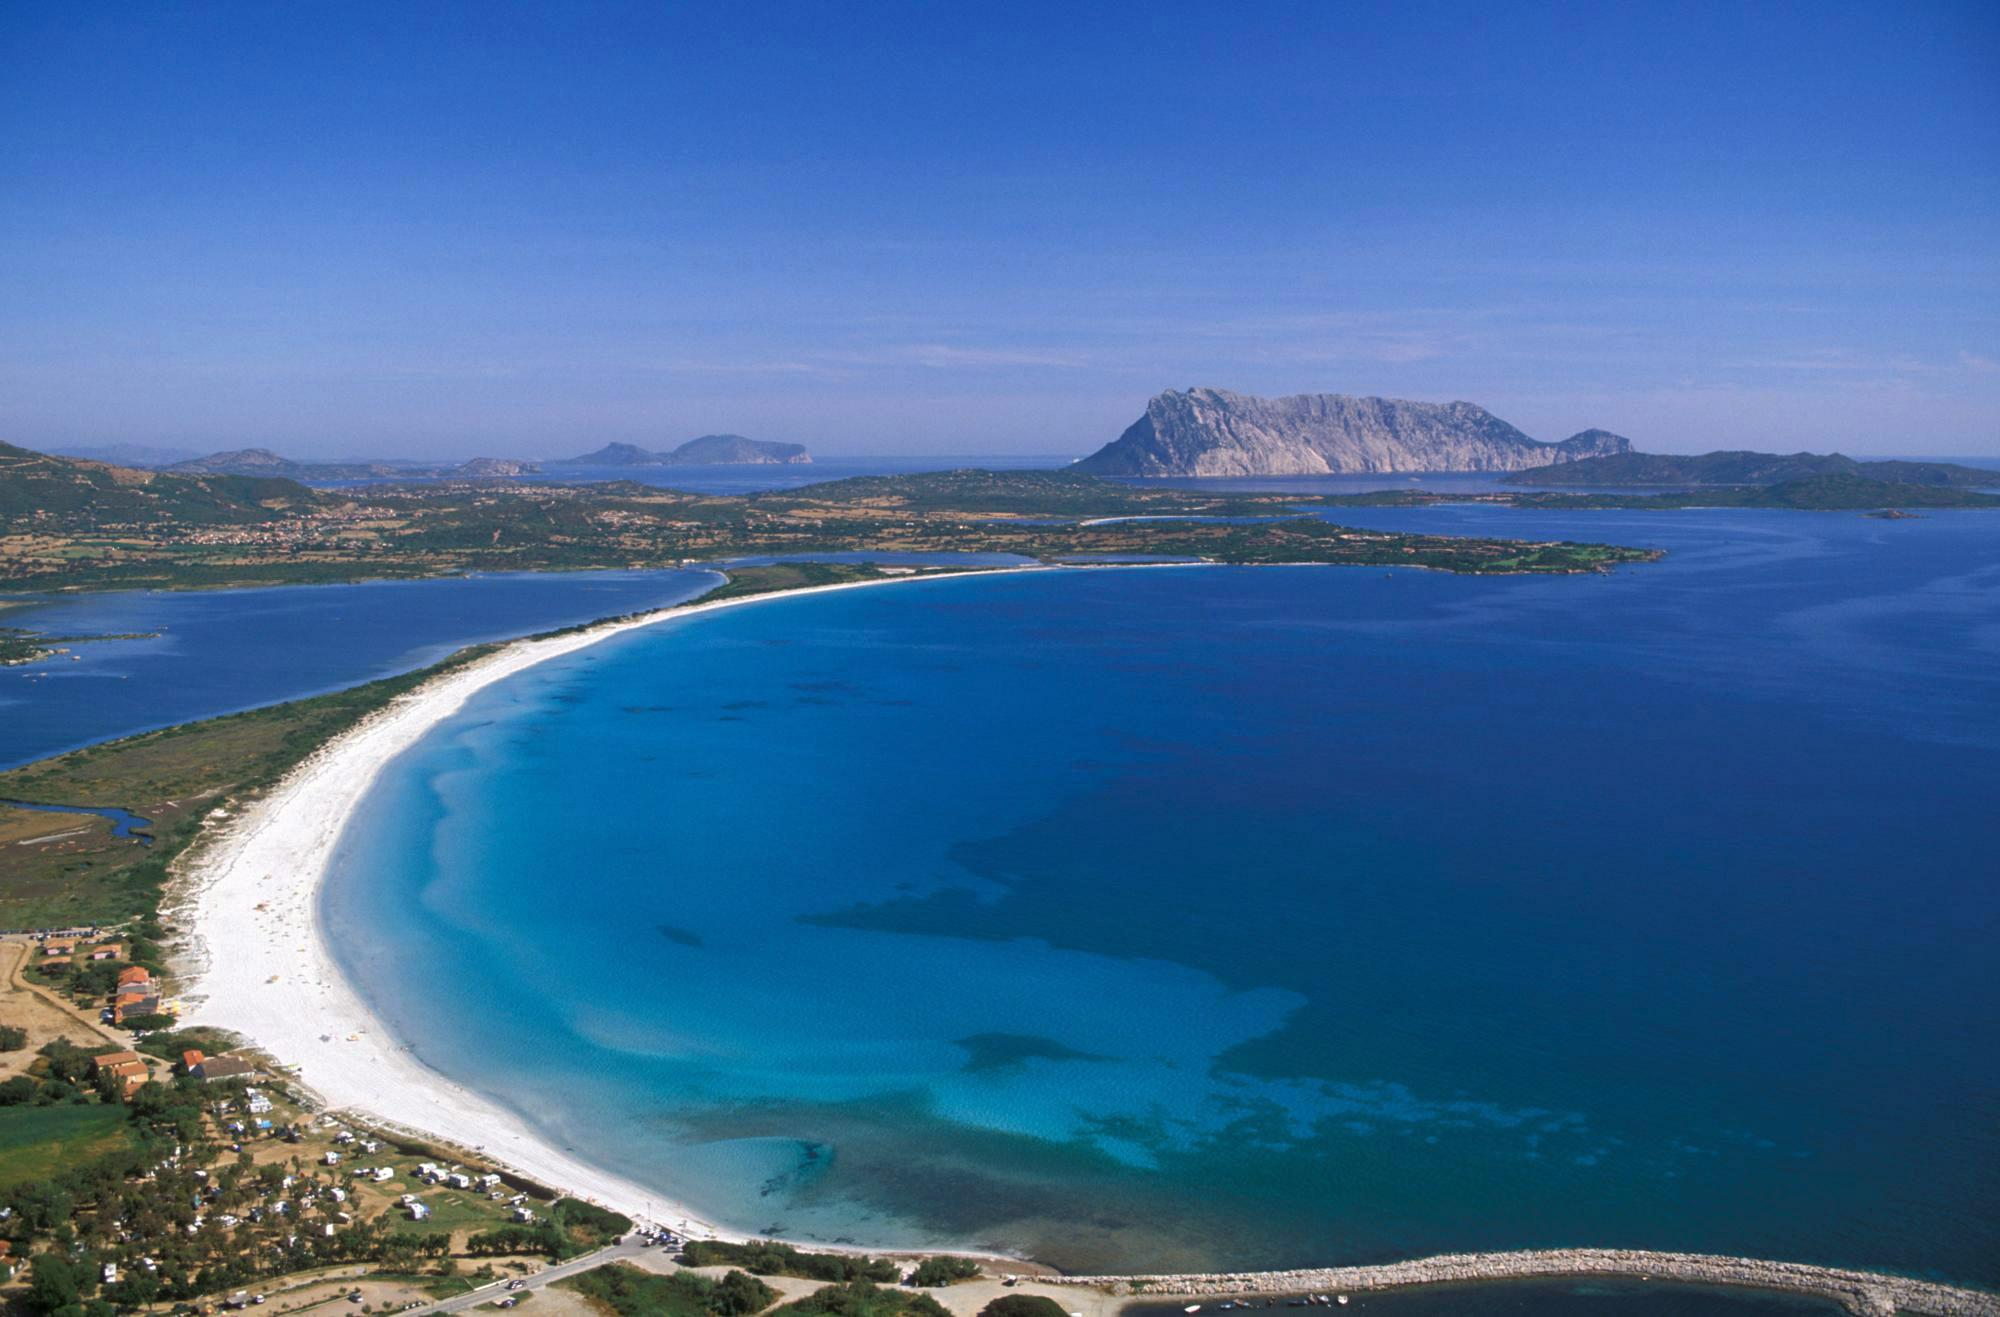 Spiagge 07 - San Teodoro